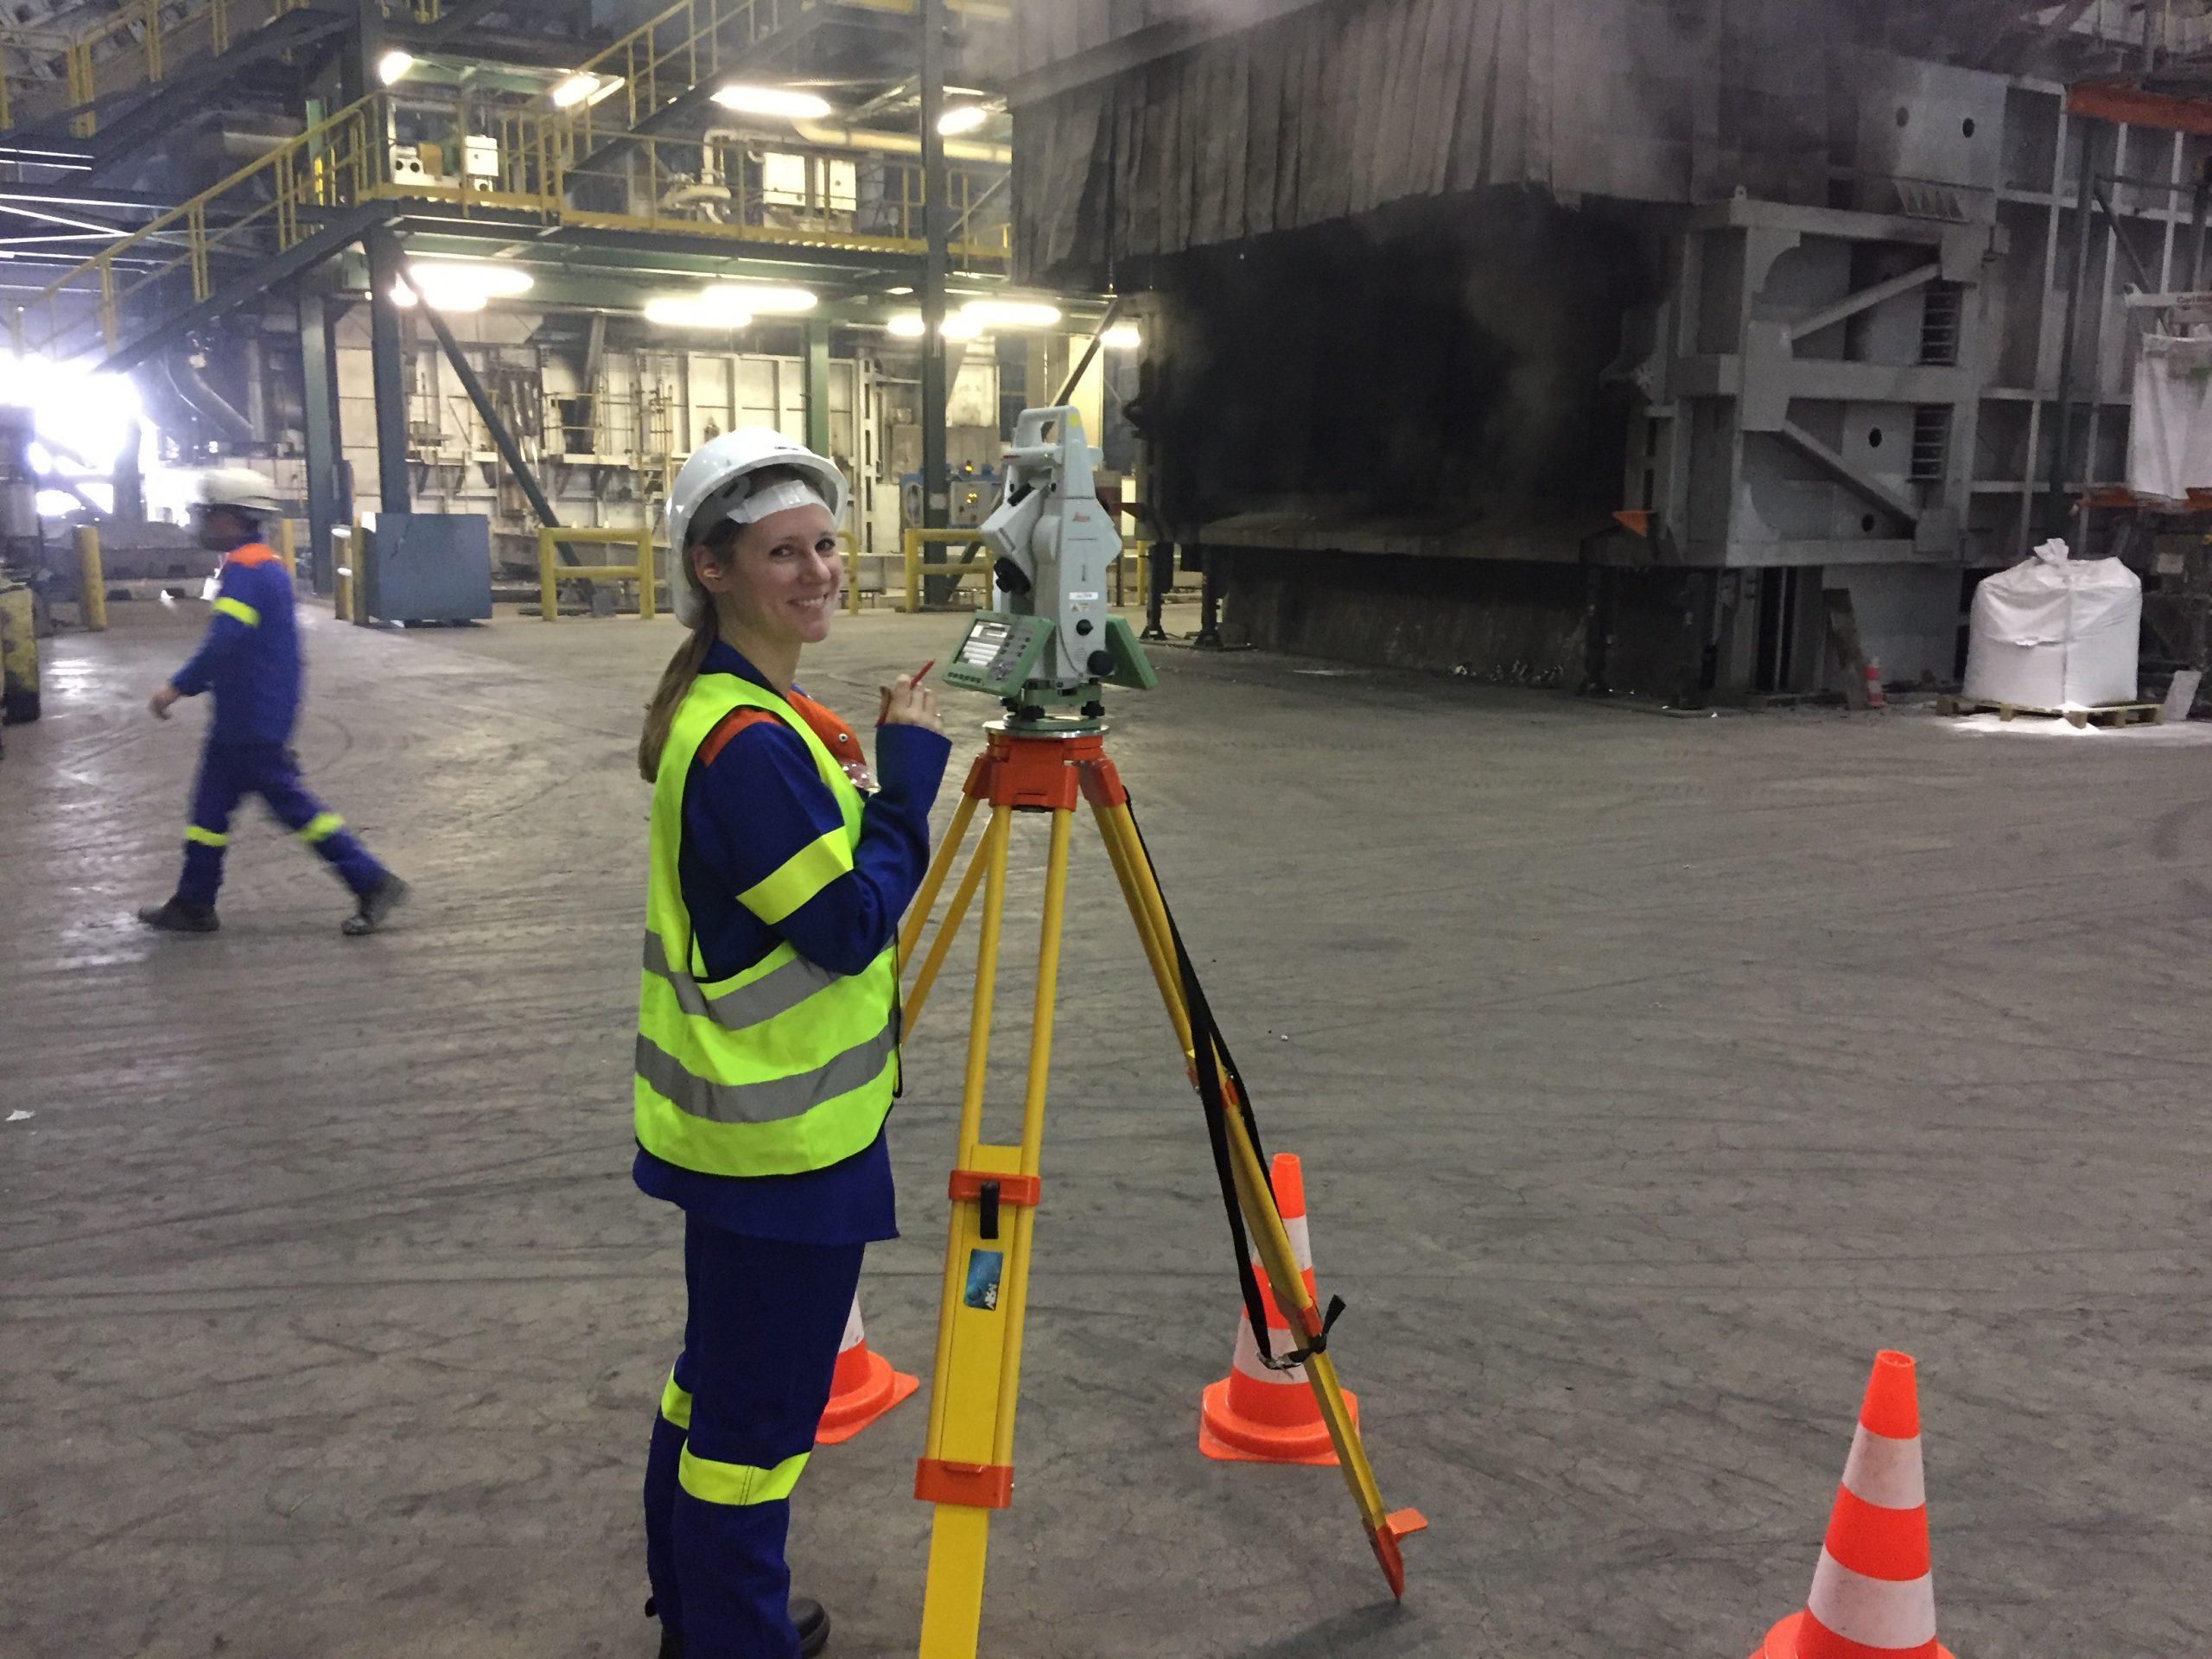 Präzise Positionierung  von 60 Tonnen schweren automatischen Fahrzeugen